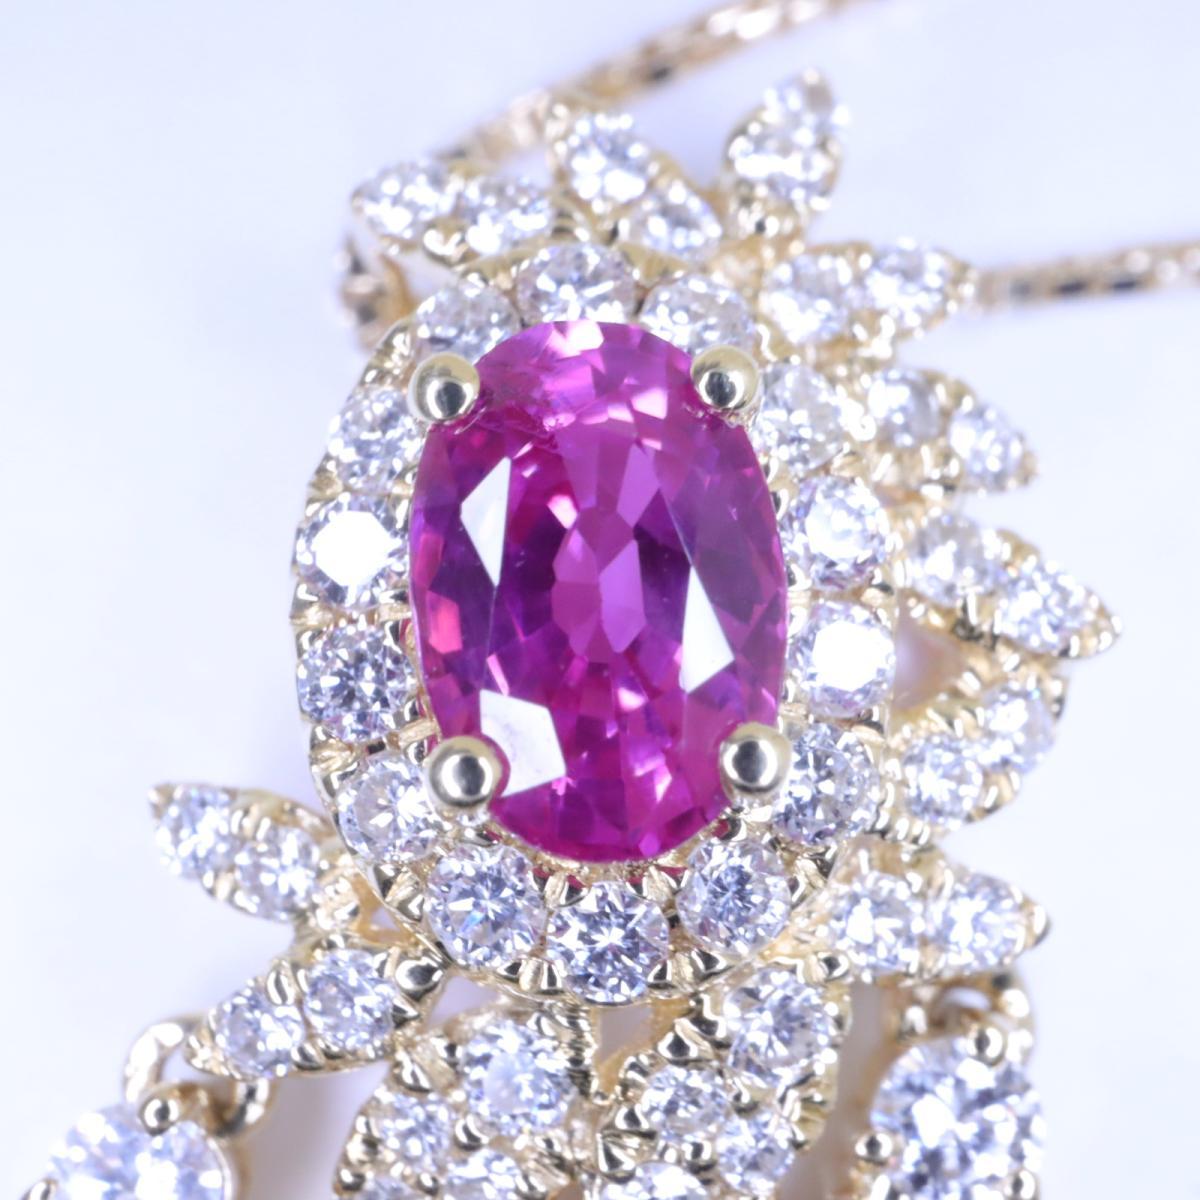 ジュエリー ルビー ネックレス ノーブランドジュエリー レディース K18YG750イエローゴールド x0 69ctダイヤモンド2 61ctレッド クリアー ゴールドJEWELRY BRANDOFF ブランドオフ ブランド アクセサリー ペンダントm8nwvN0